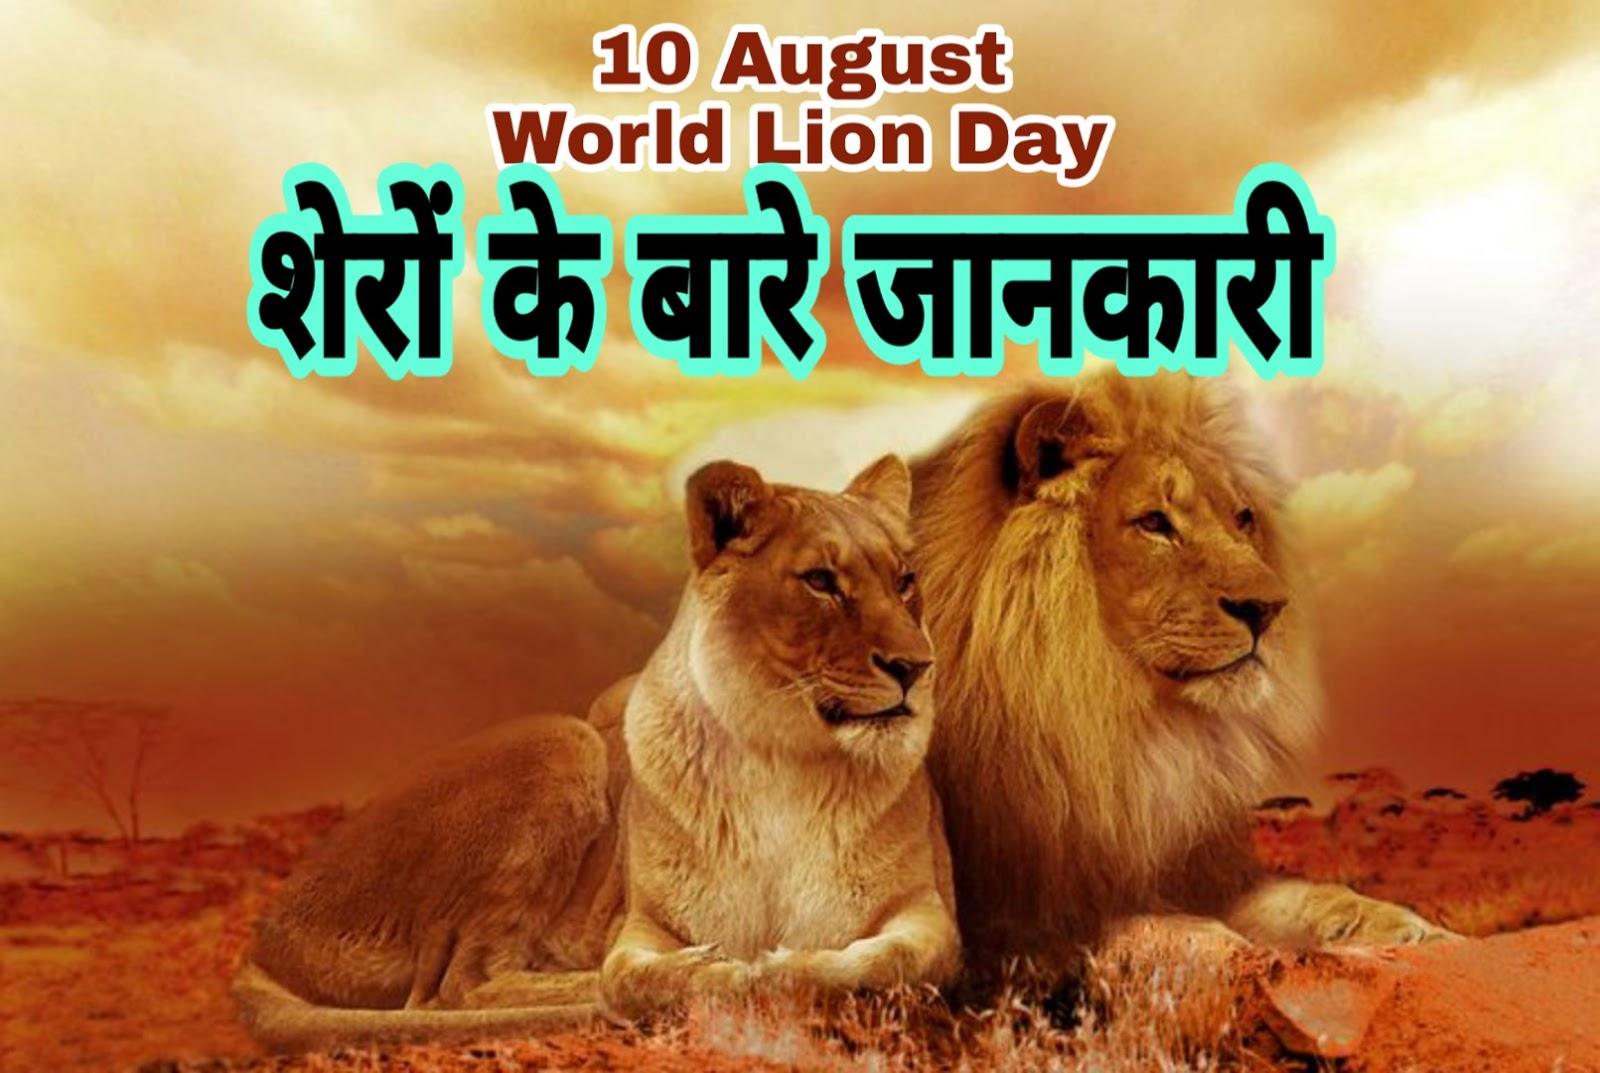 Information about Lion in Hindi | World Lion Day 2019 | जंगल के राजा शेर के बारे में रोचक तथ्य